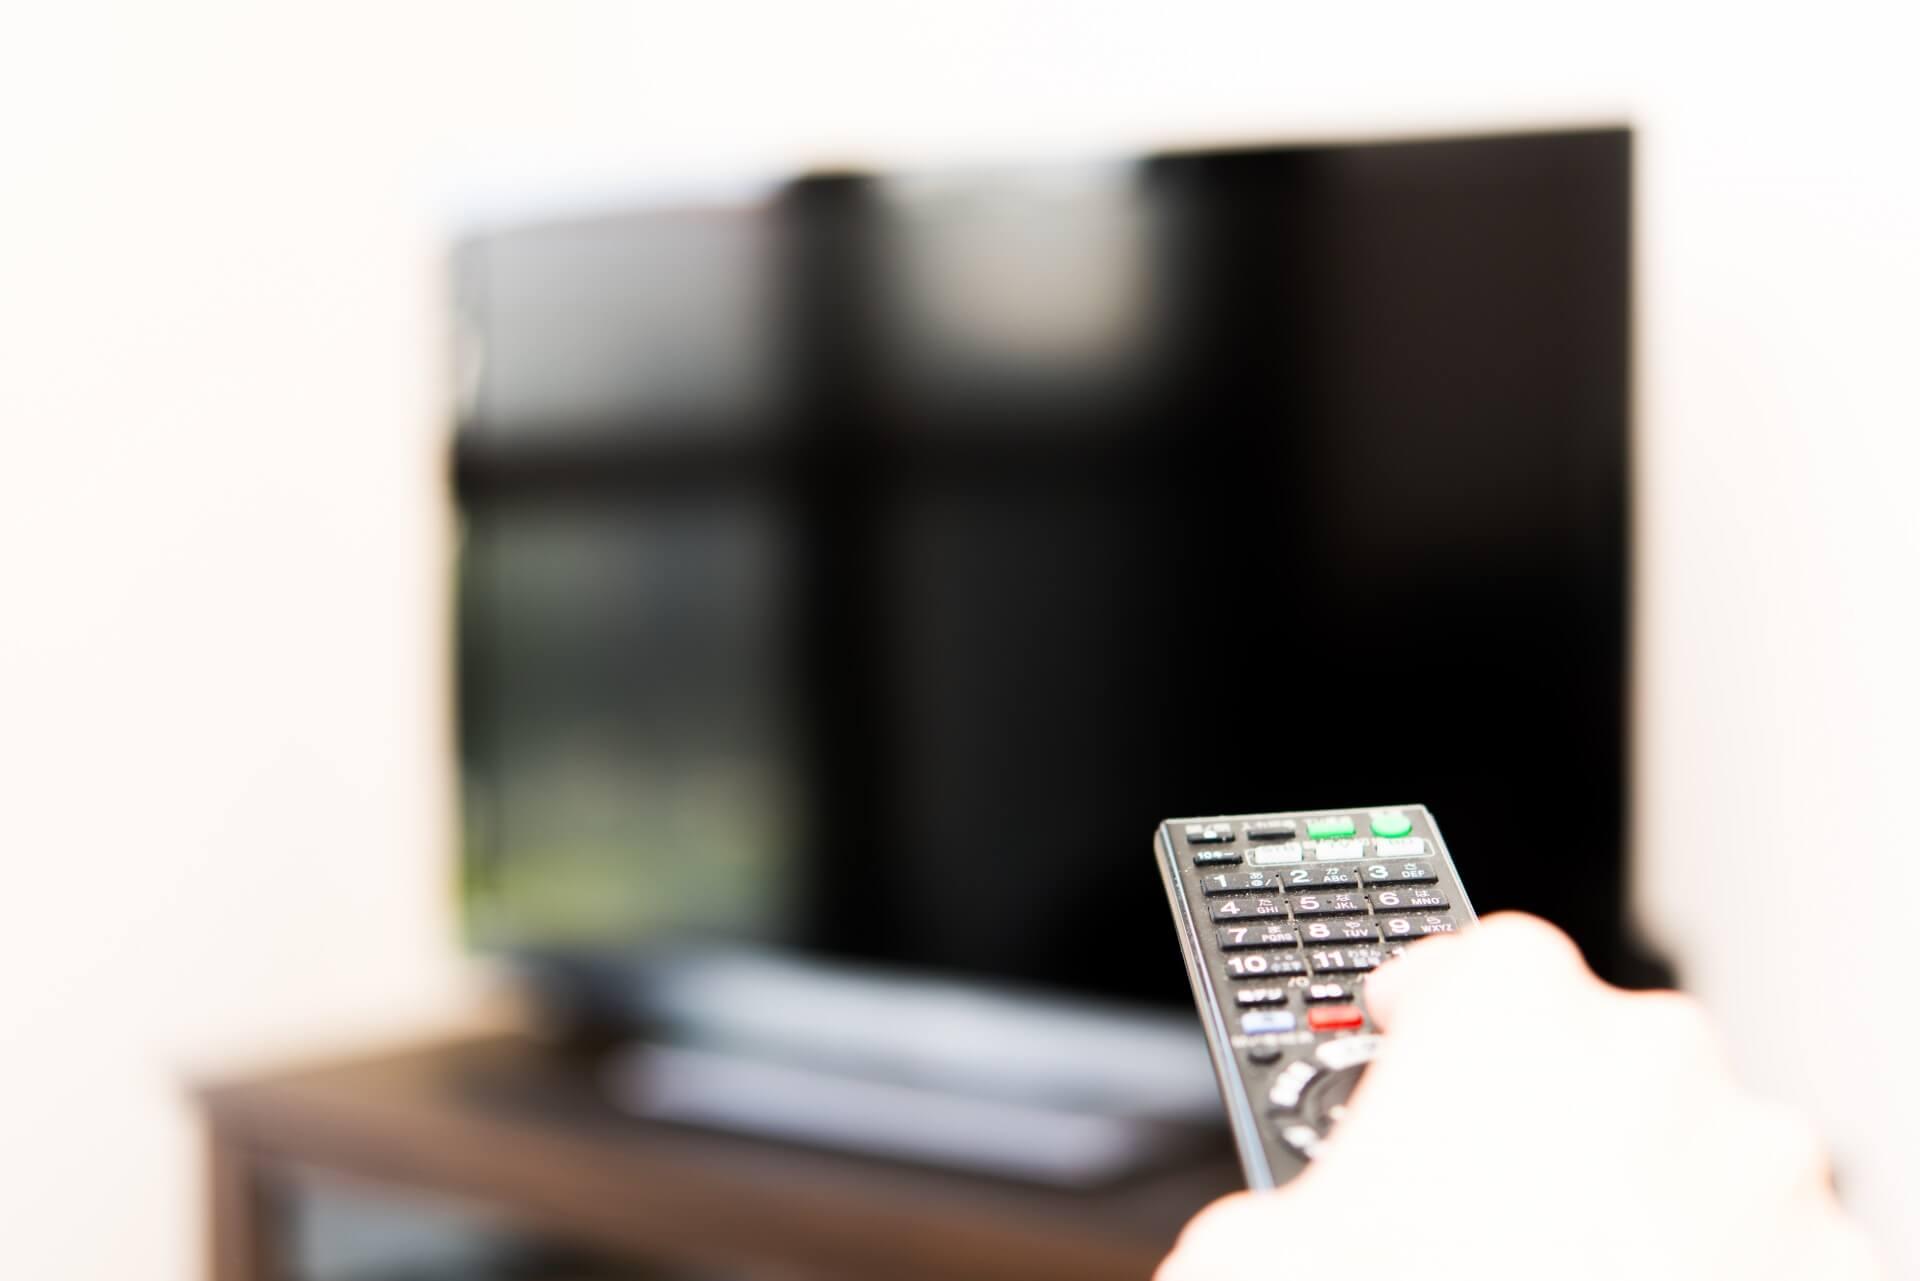 J SPORTSオンデマンドをテレビで見る方法・やり方まとめ!クロームキャストやFire TVで見られるのか解説!